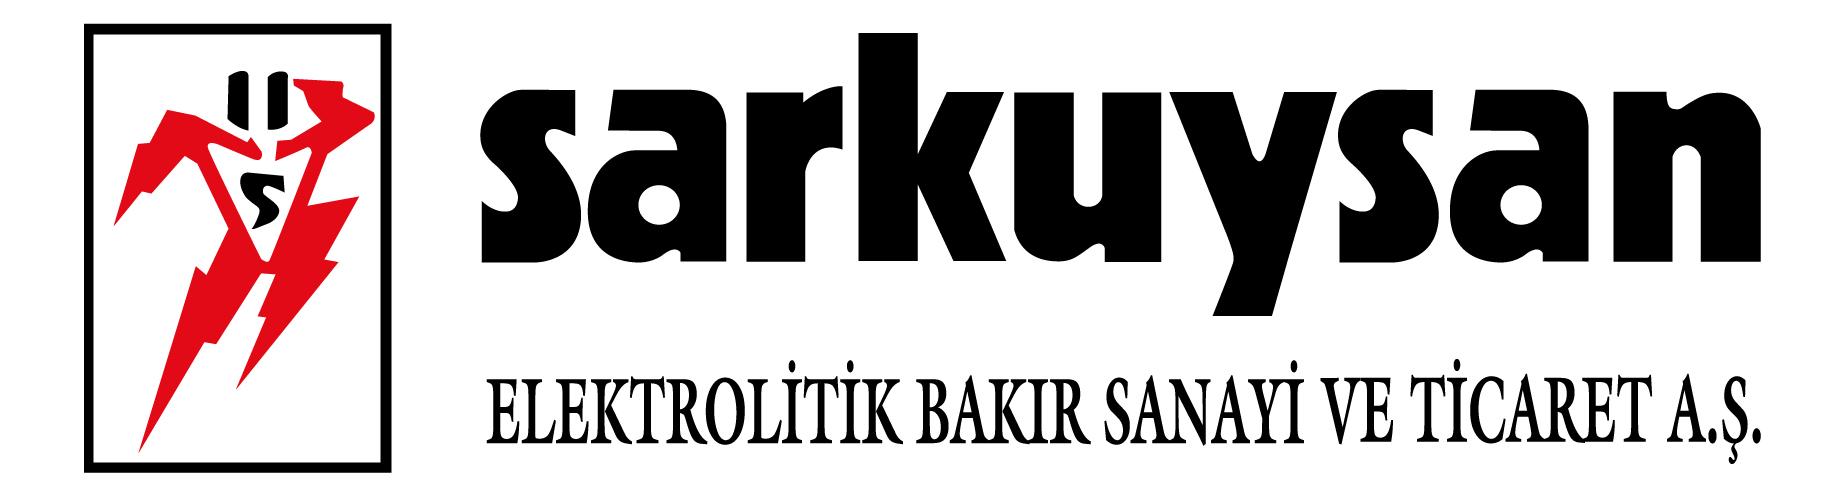 Sarkuysan Elektrolitik Bakır Sanayi ve Ticaret A.Ş., SARKUYSAN  (Elektrolitik Bakır Sanayi Ve Ticaret A.Ş.)